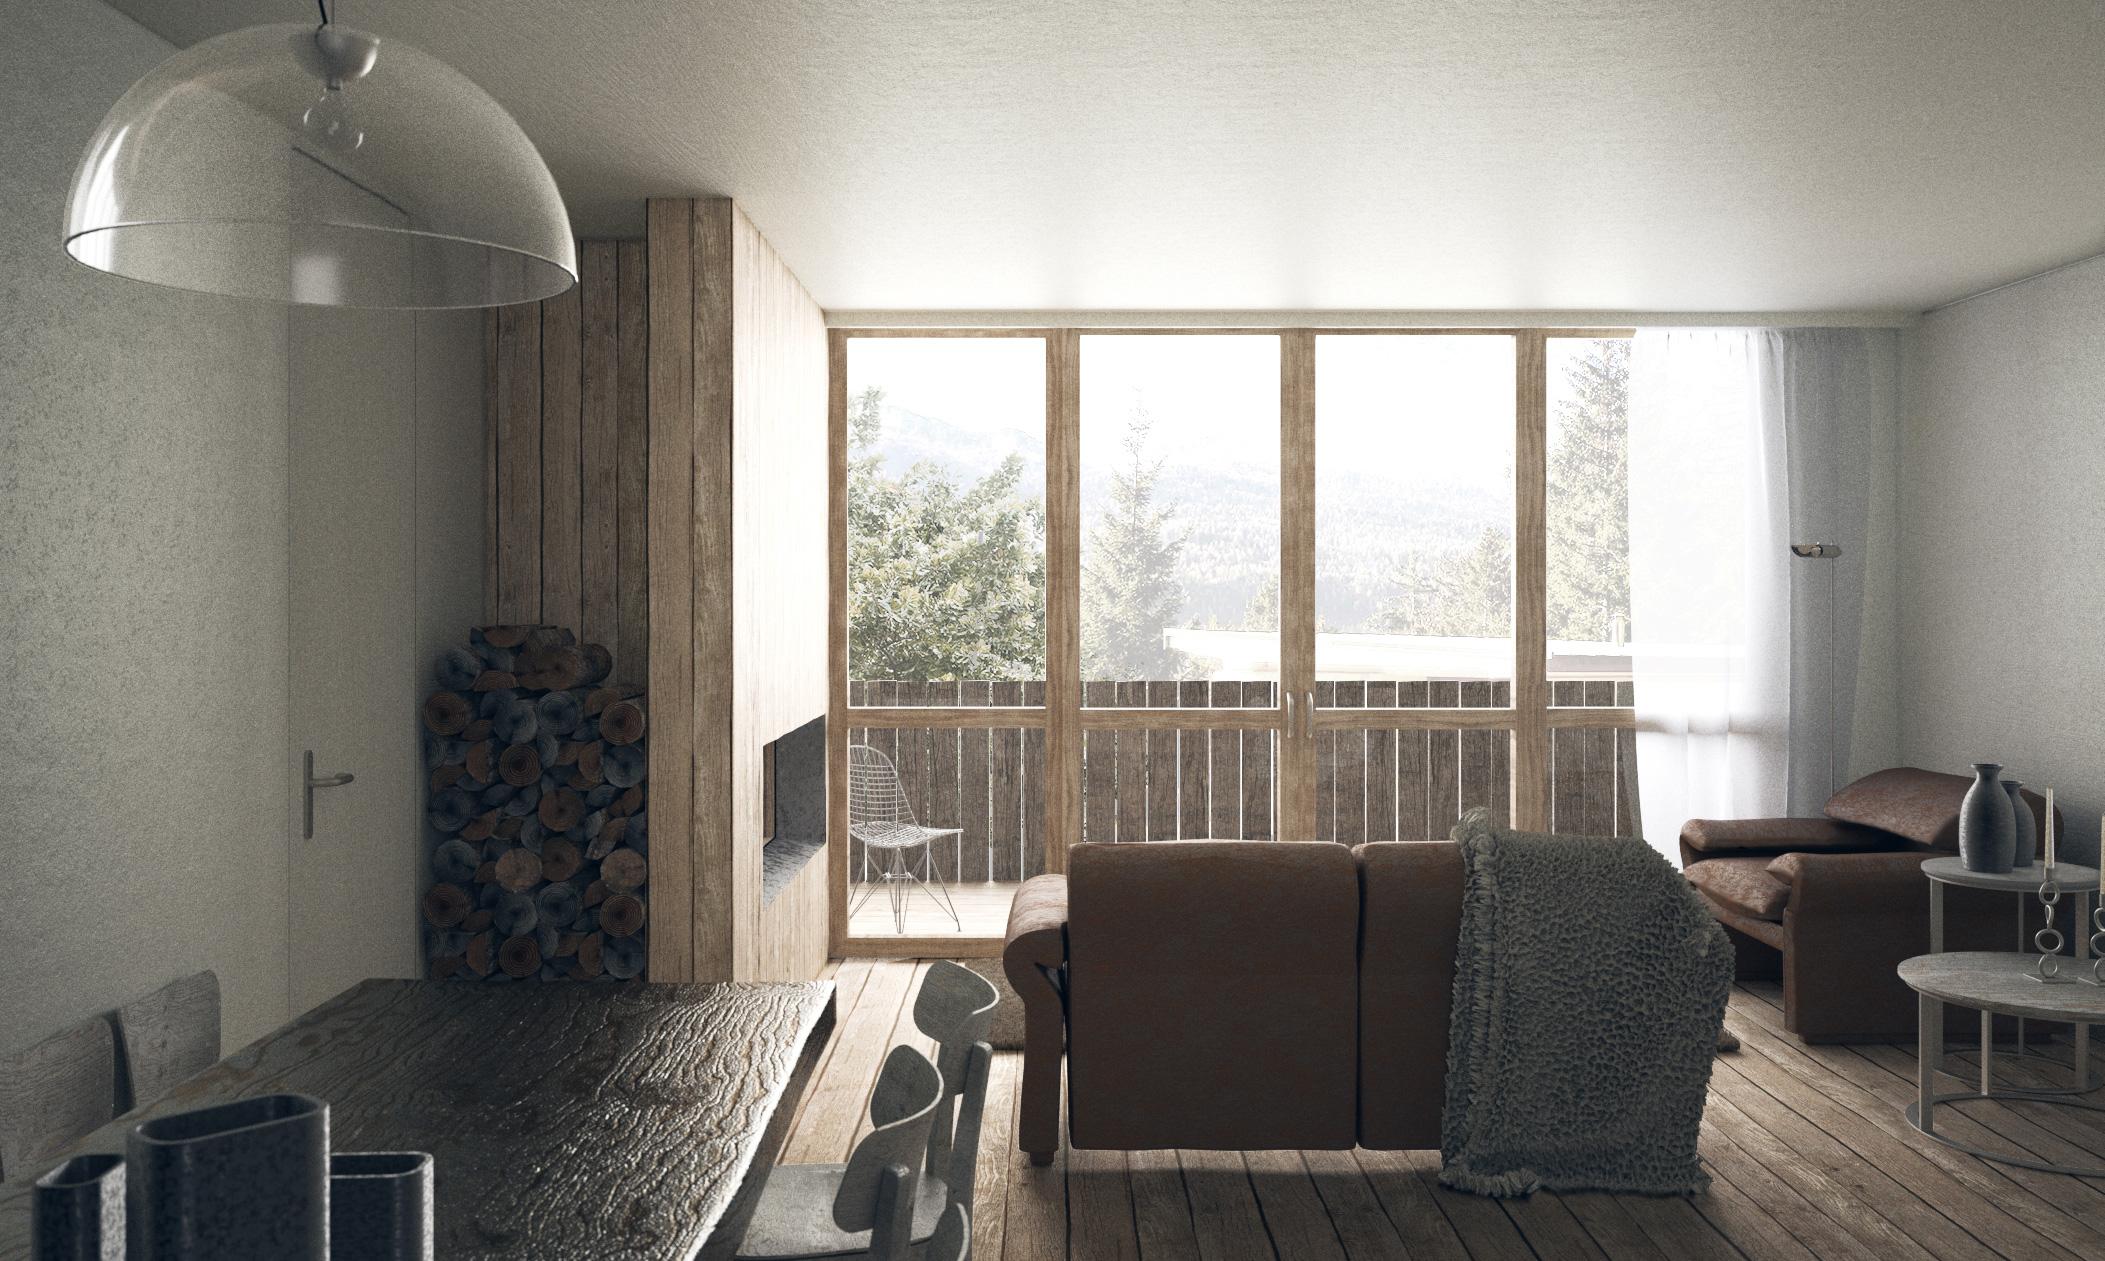 cortina-casa-montagna-interior-design-legno-pietra-soggiorno.jpg